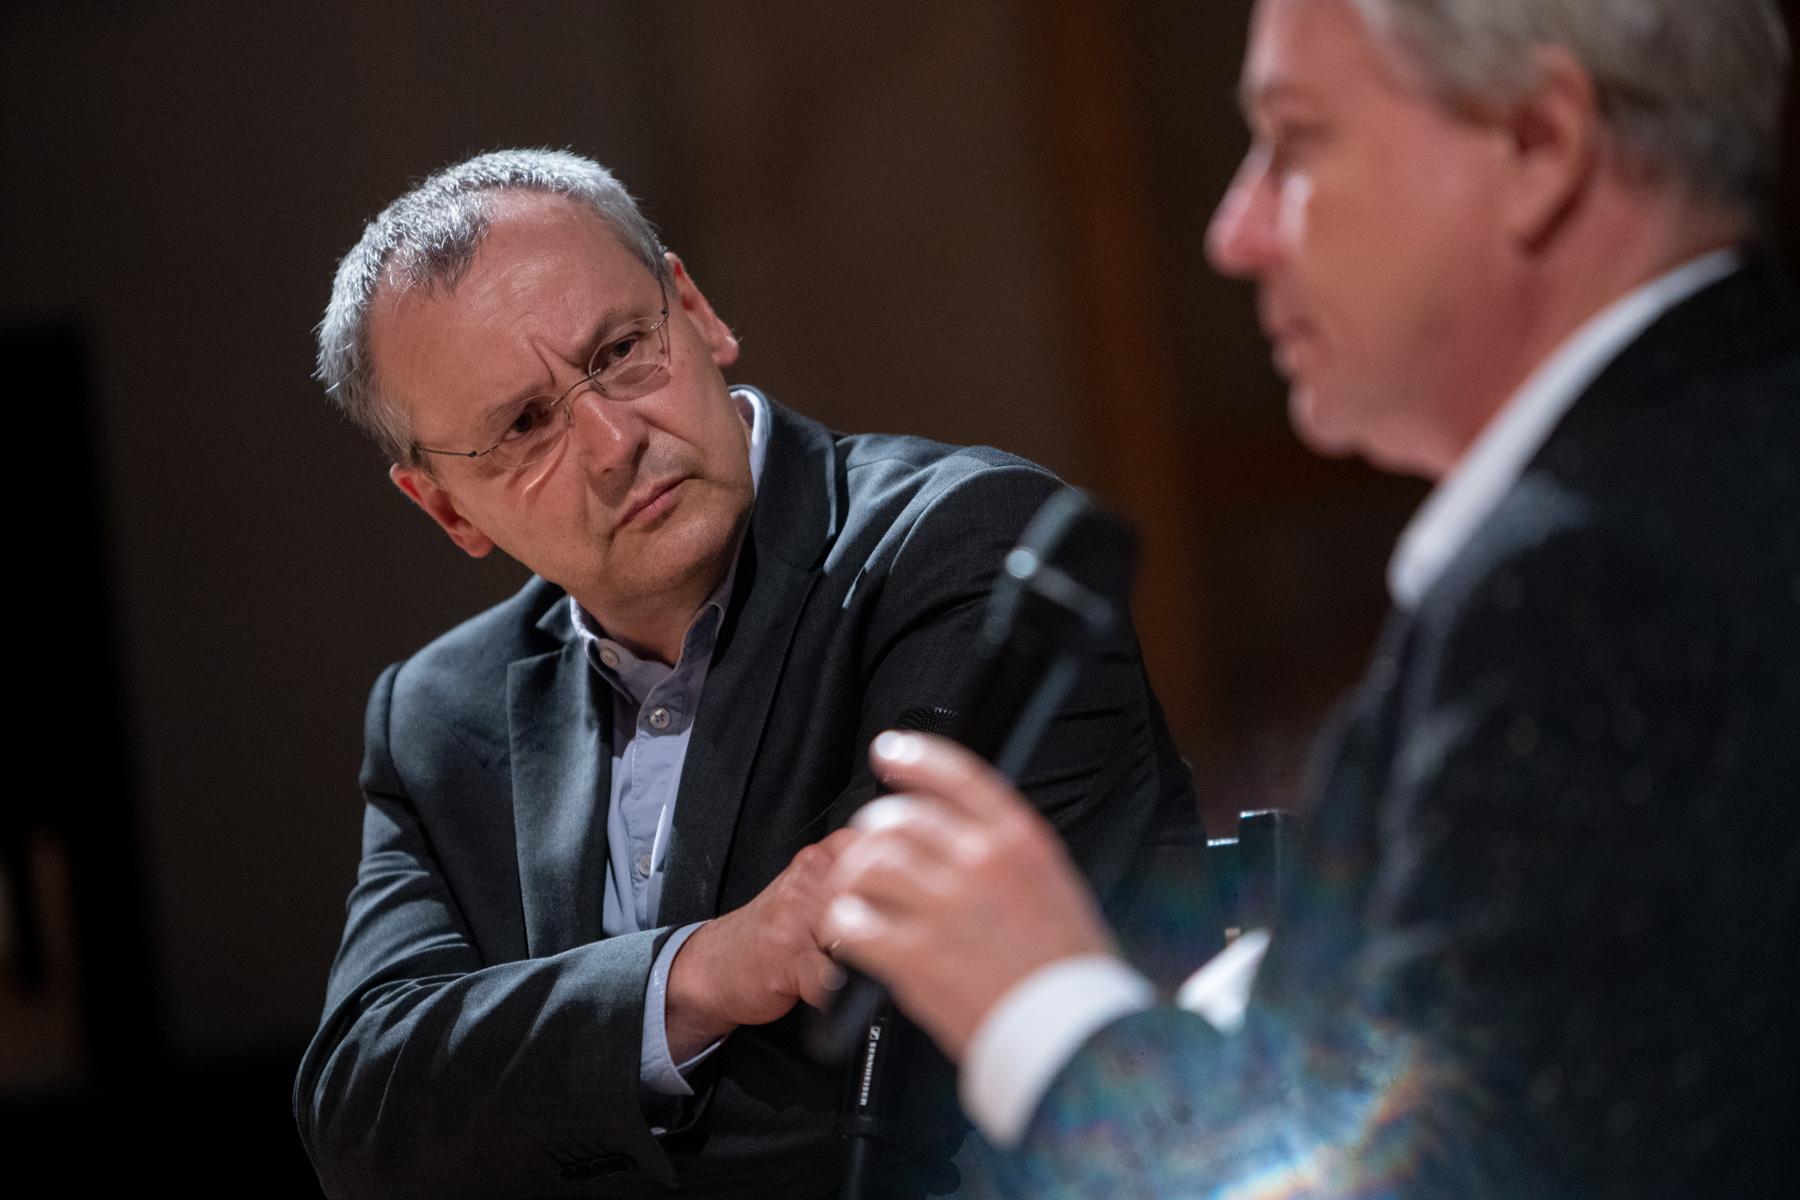 Knut Elstermann und Georg Quander